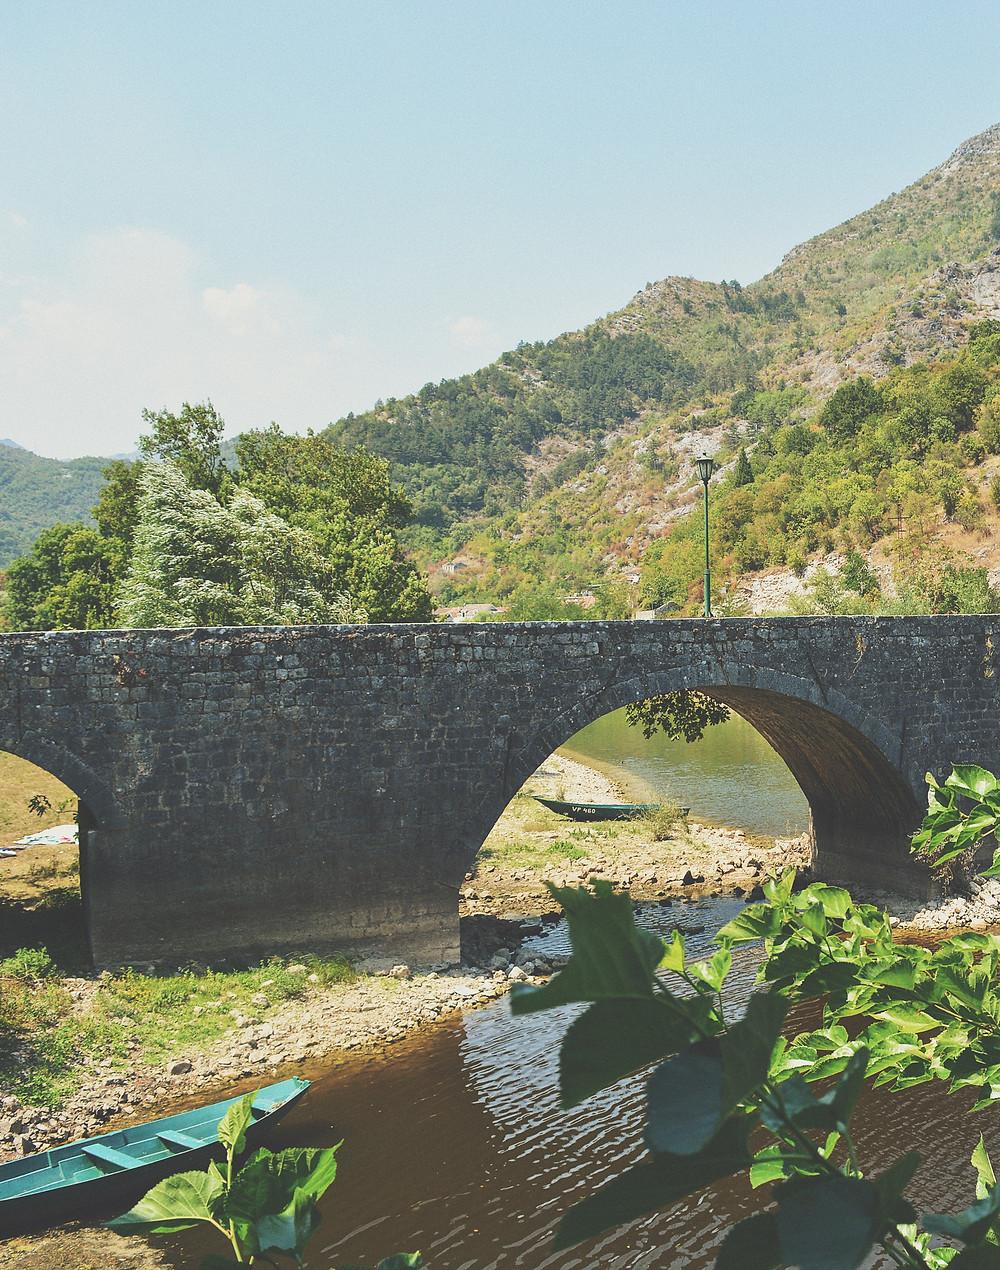 Il nowy most dal ristotante sul fiume crnojevica